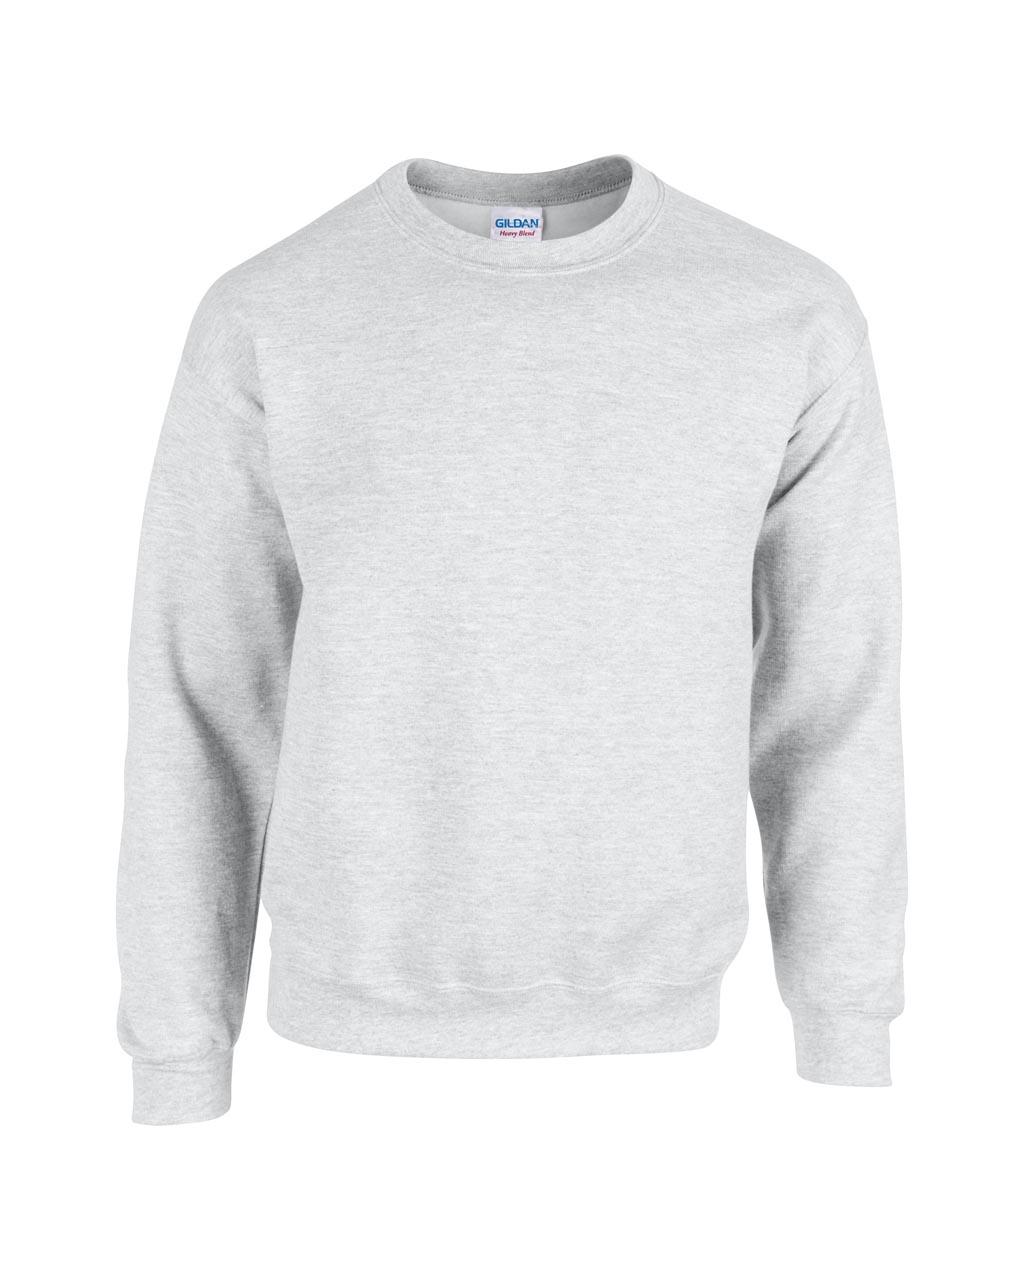 Bluze si hanorace Gildan serigrafie broderie termotransfer | Toroadv.ro